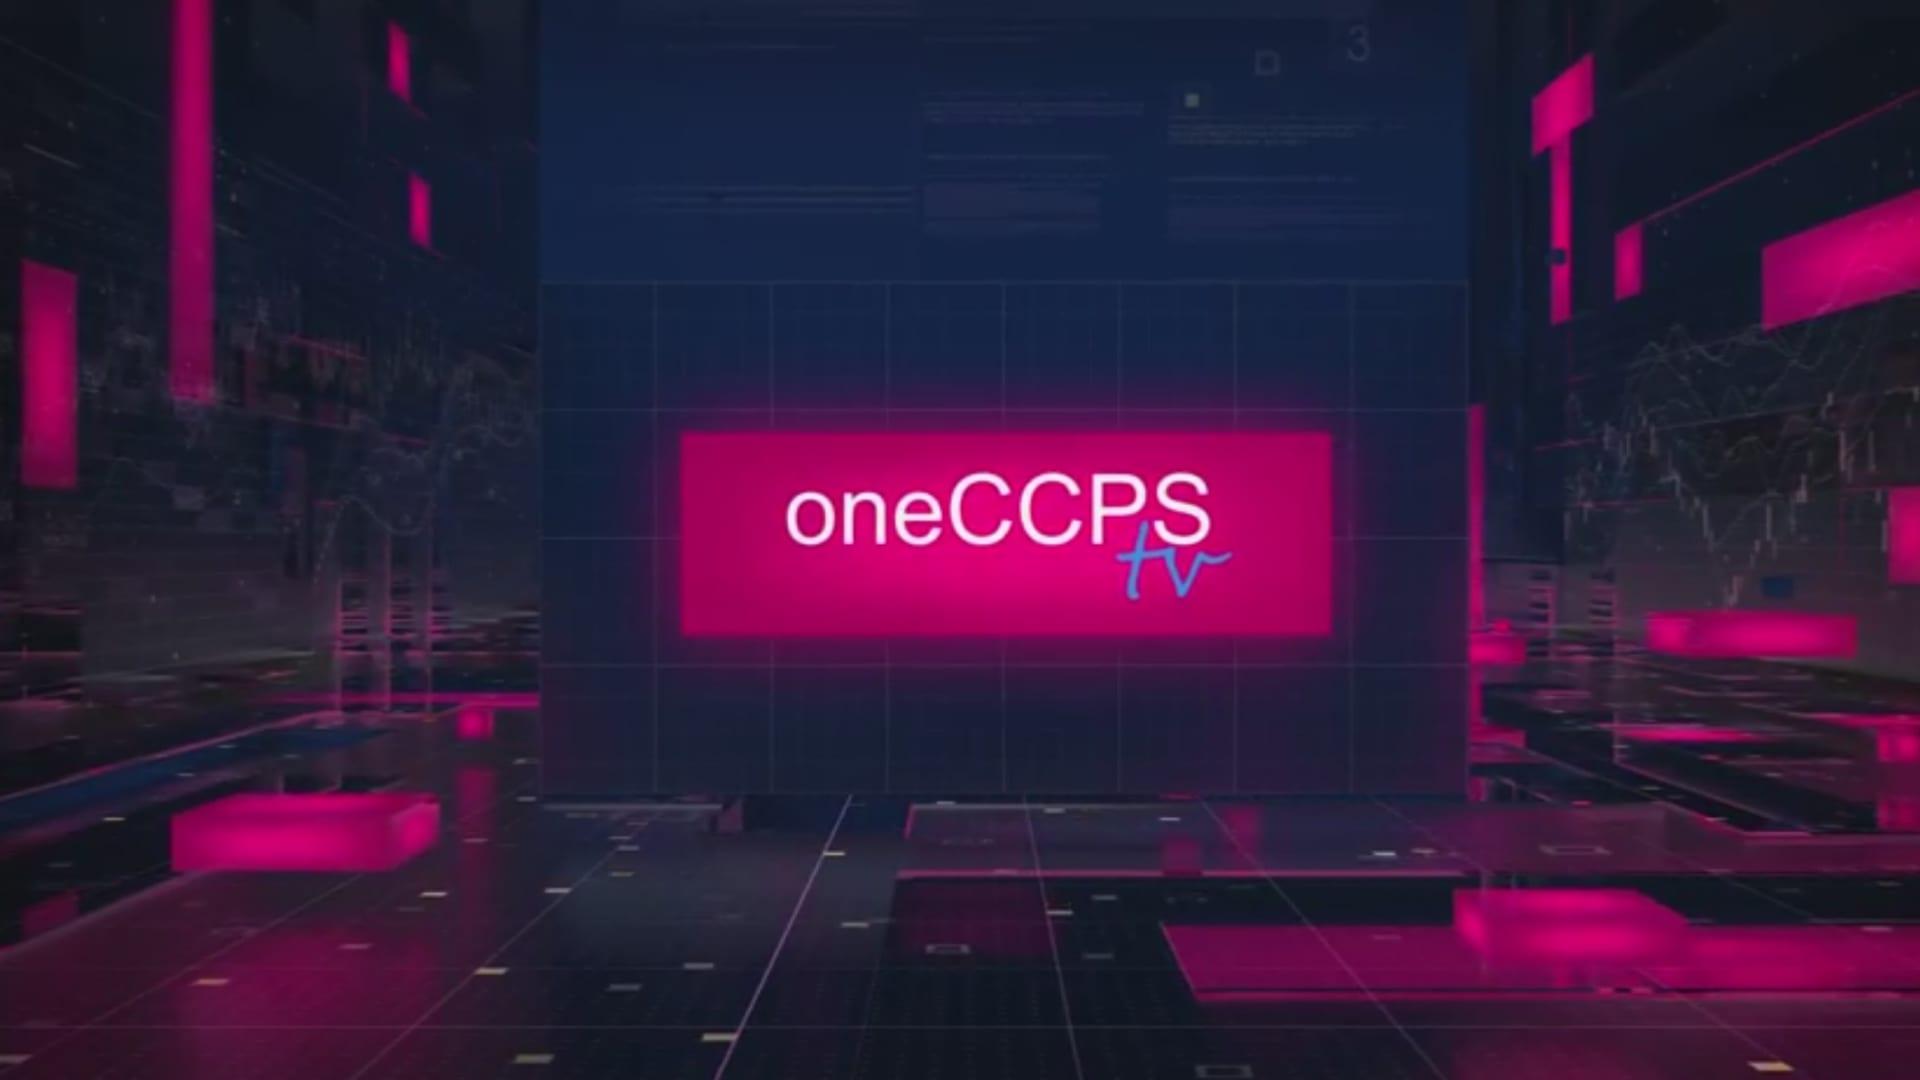 oneCCPStv